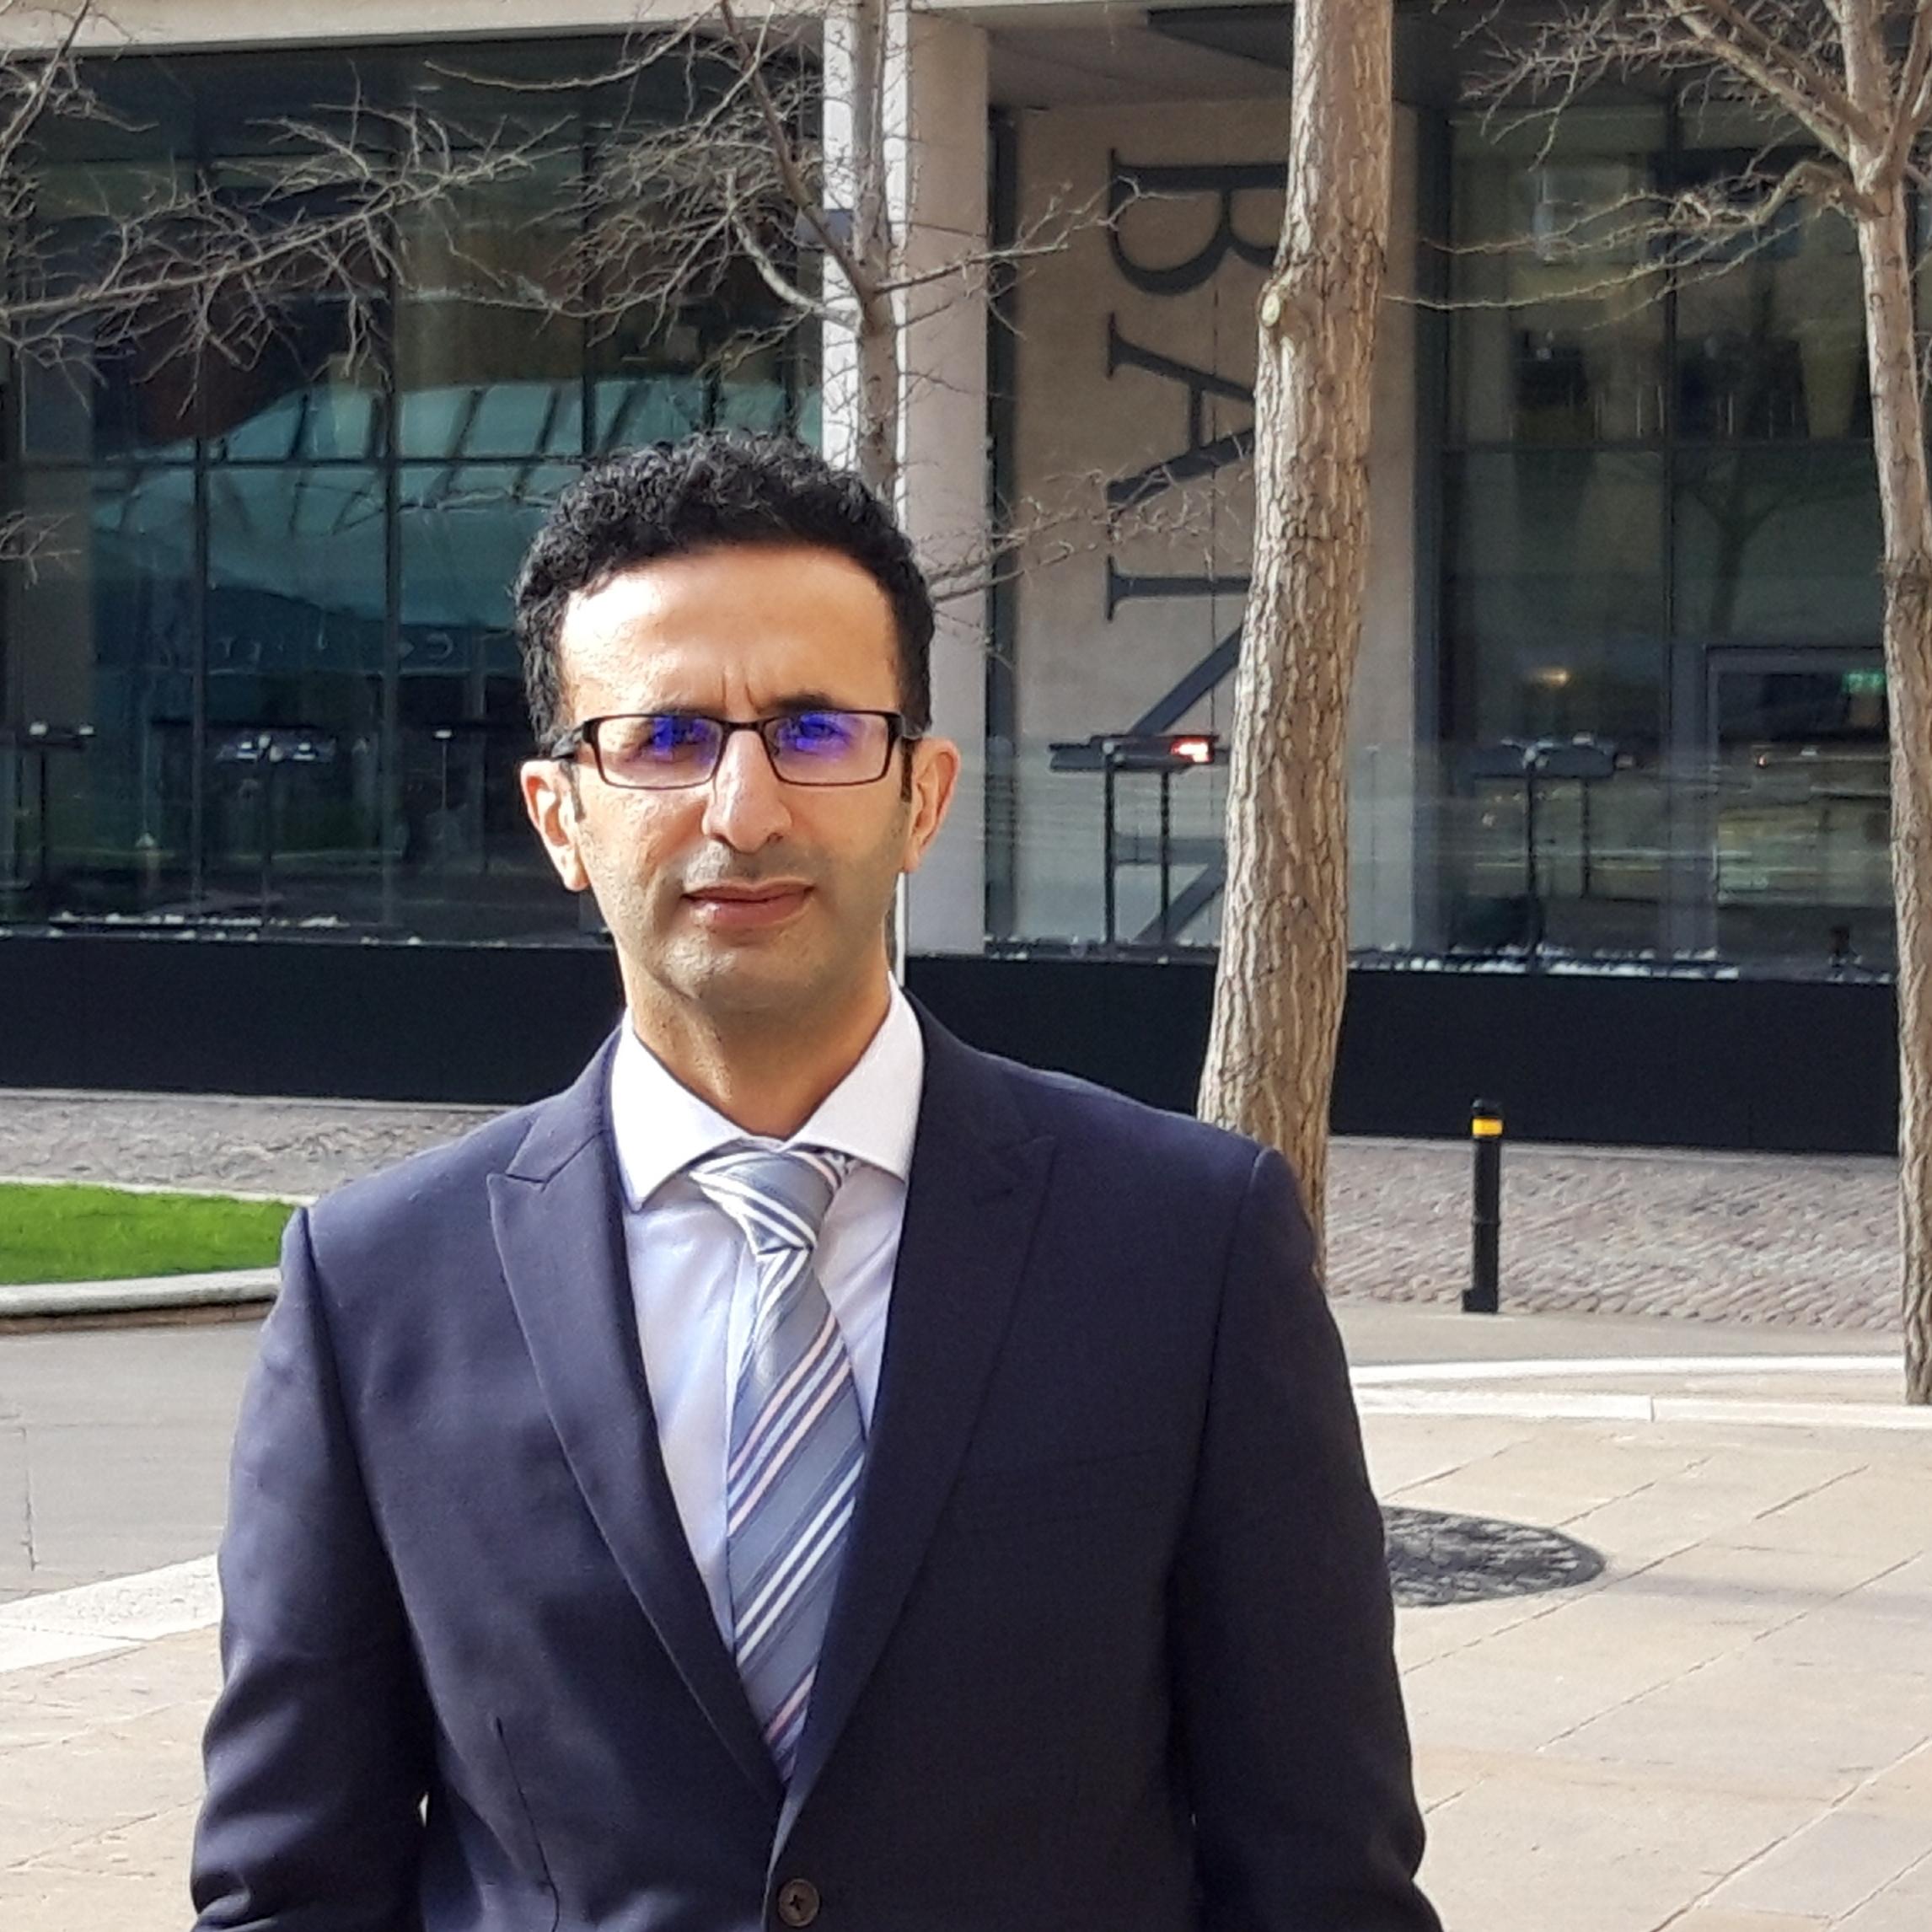 Moheeb Yafai